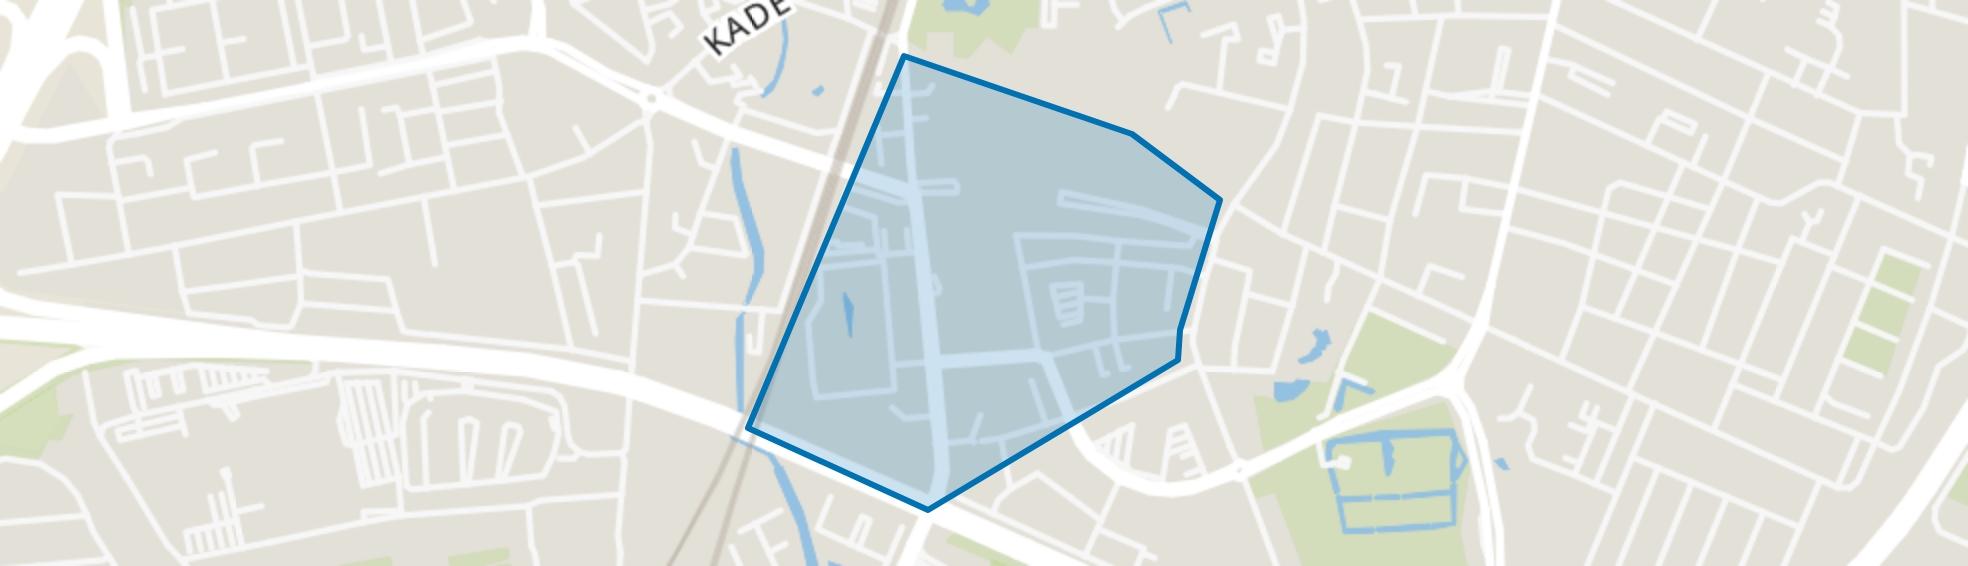 Centrum-Nieuw, Roosendaal map